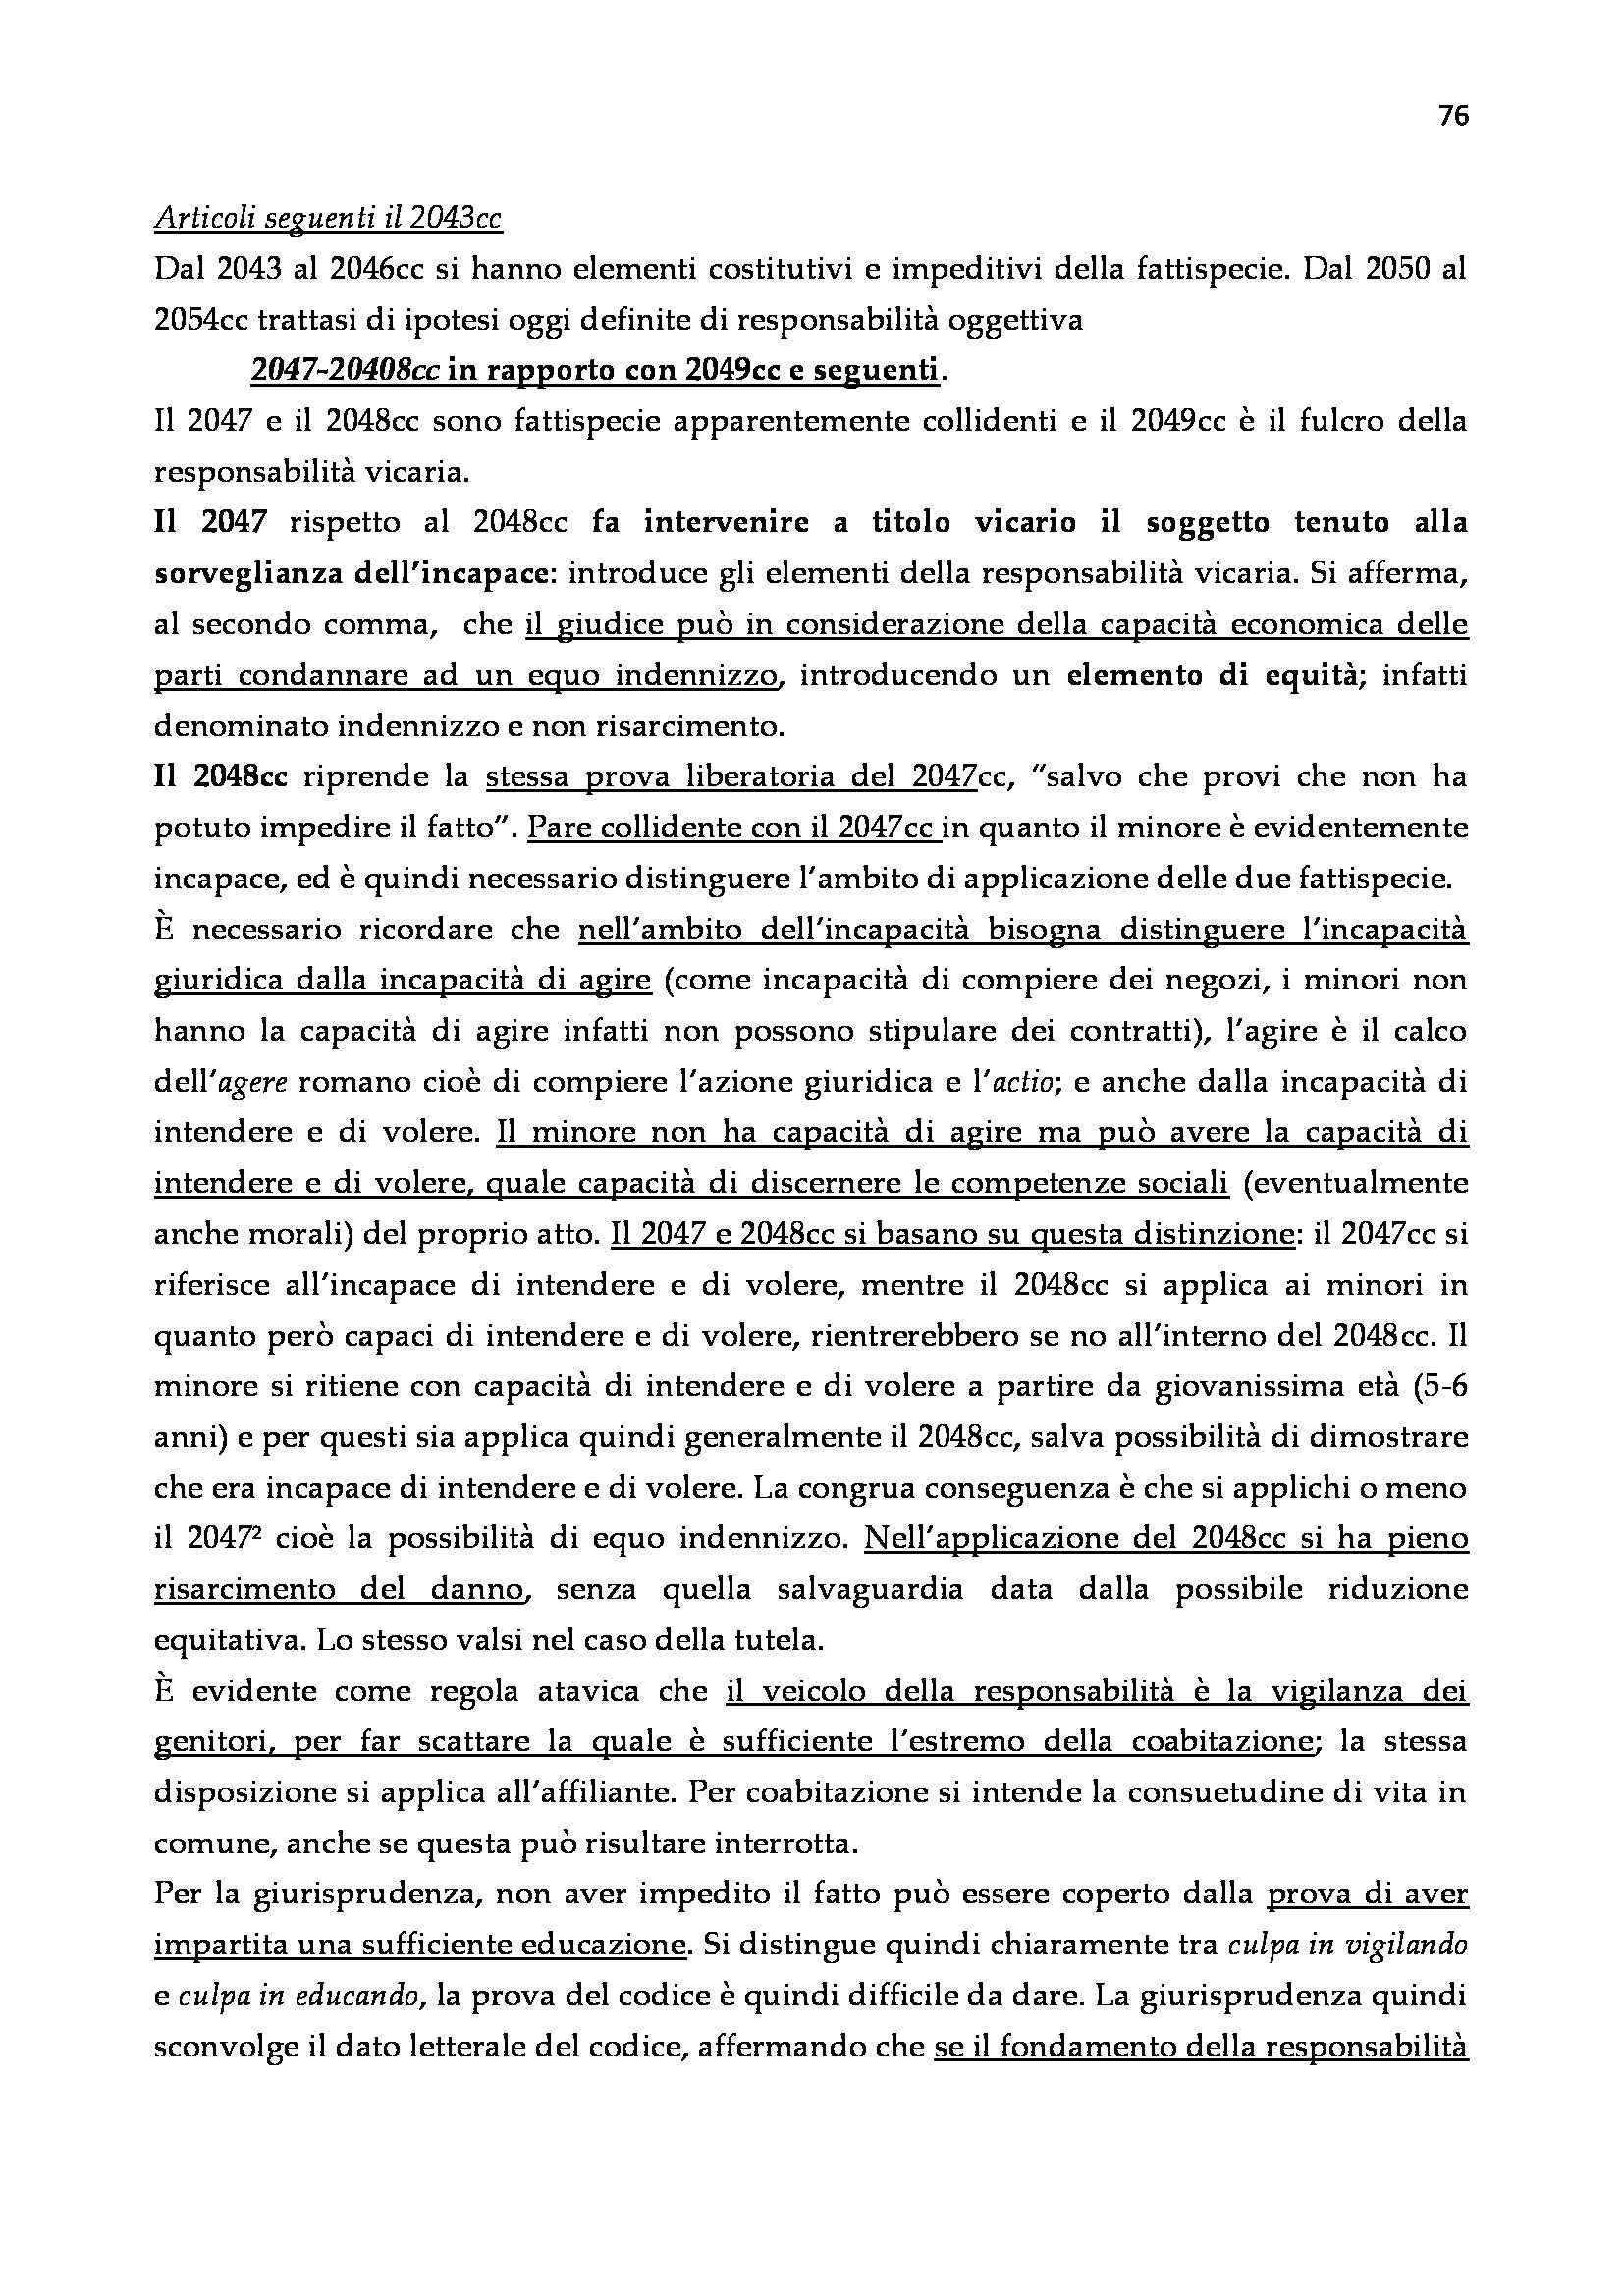 Diritto Civile - Responsabilità Civile Pag. 76